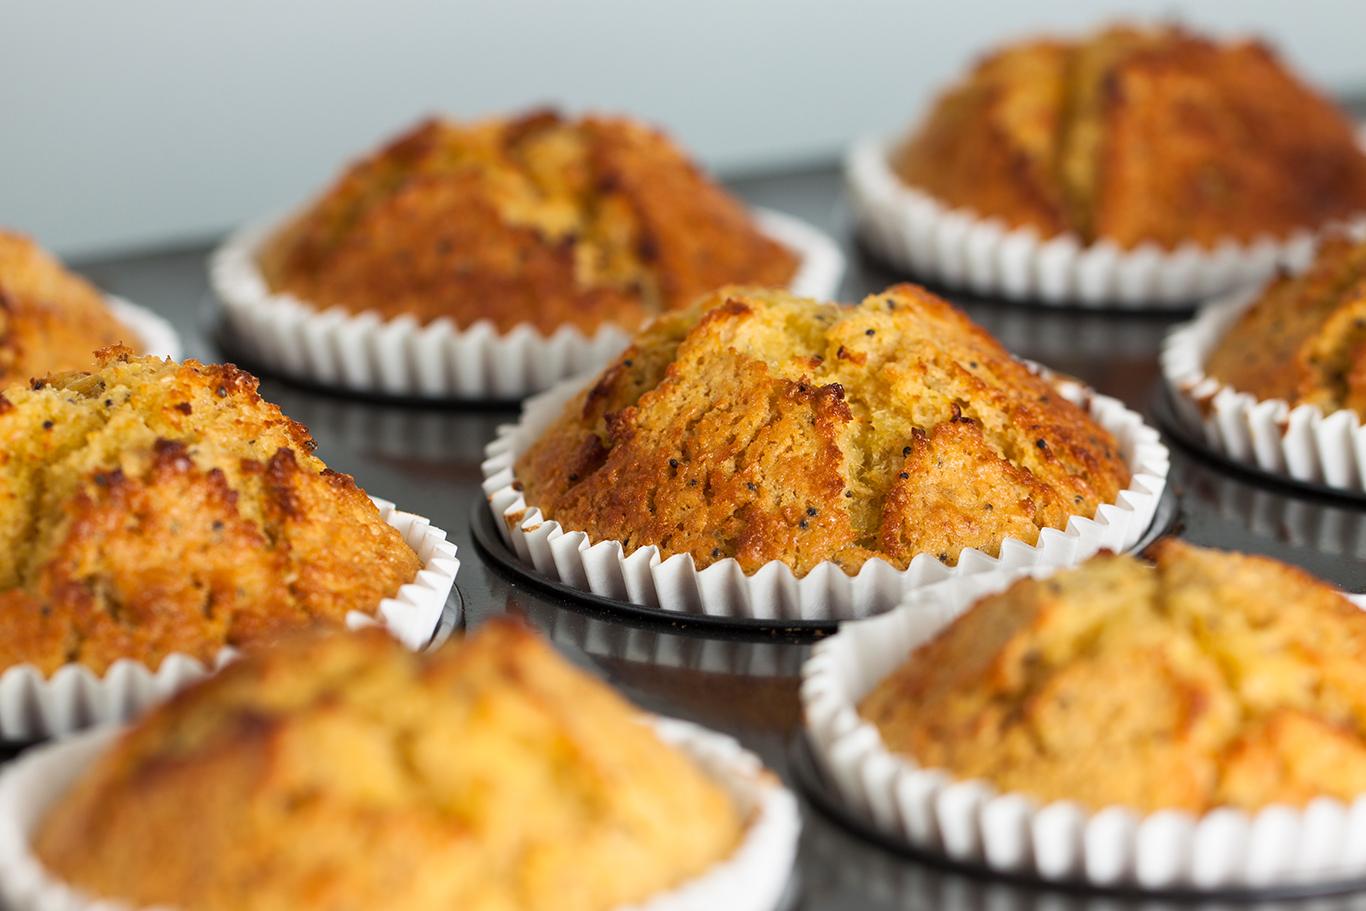 Homemade Banana Muffins Recipe